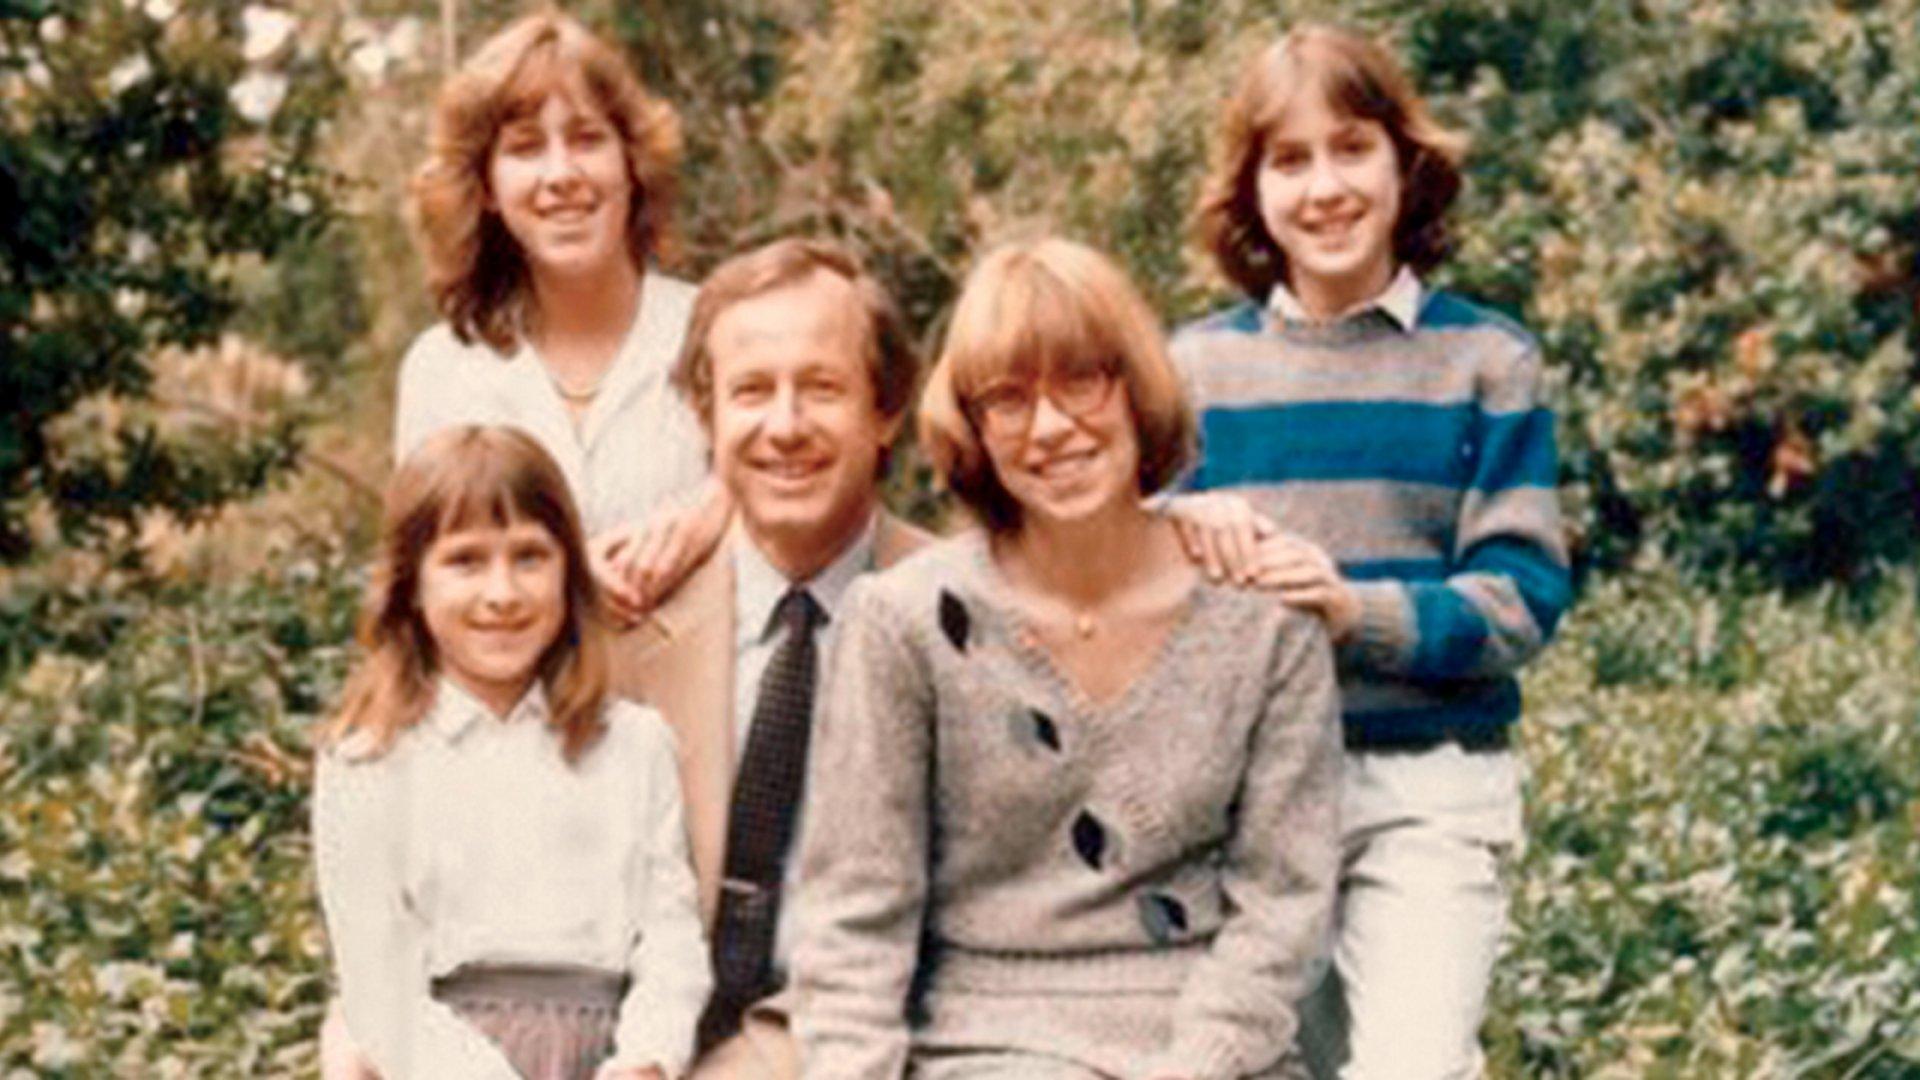 Anne Wojcicki (left) and her family.